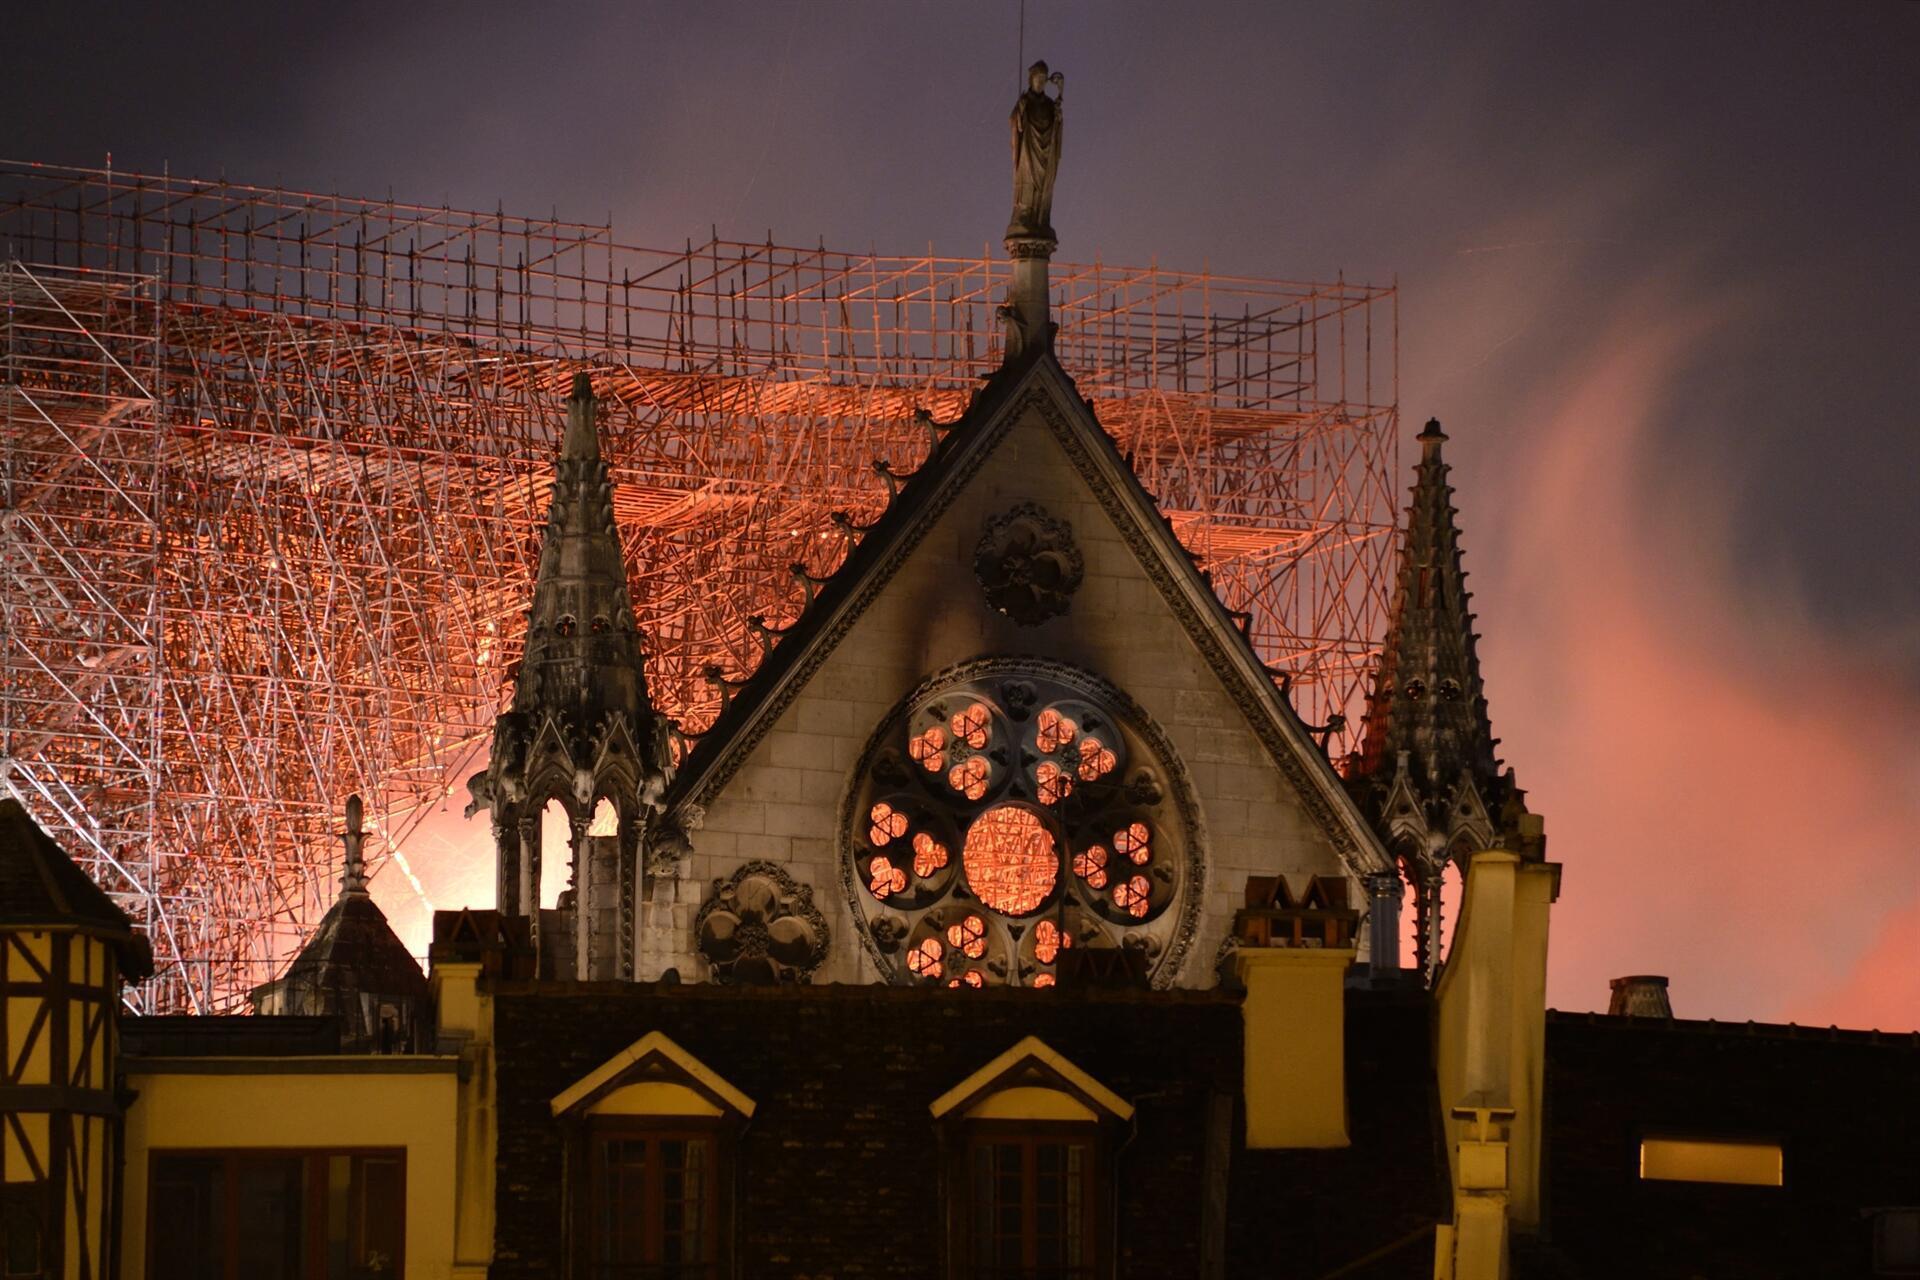 Notre Dame Katedrali'ndeki yangın 8 5 saat sonra söndürüldü